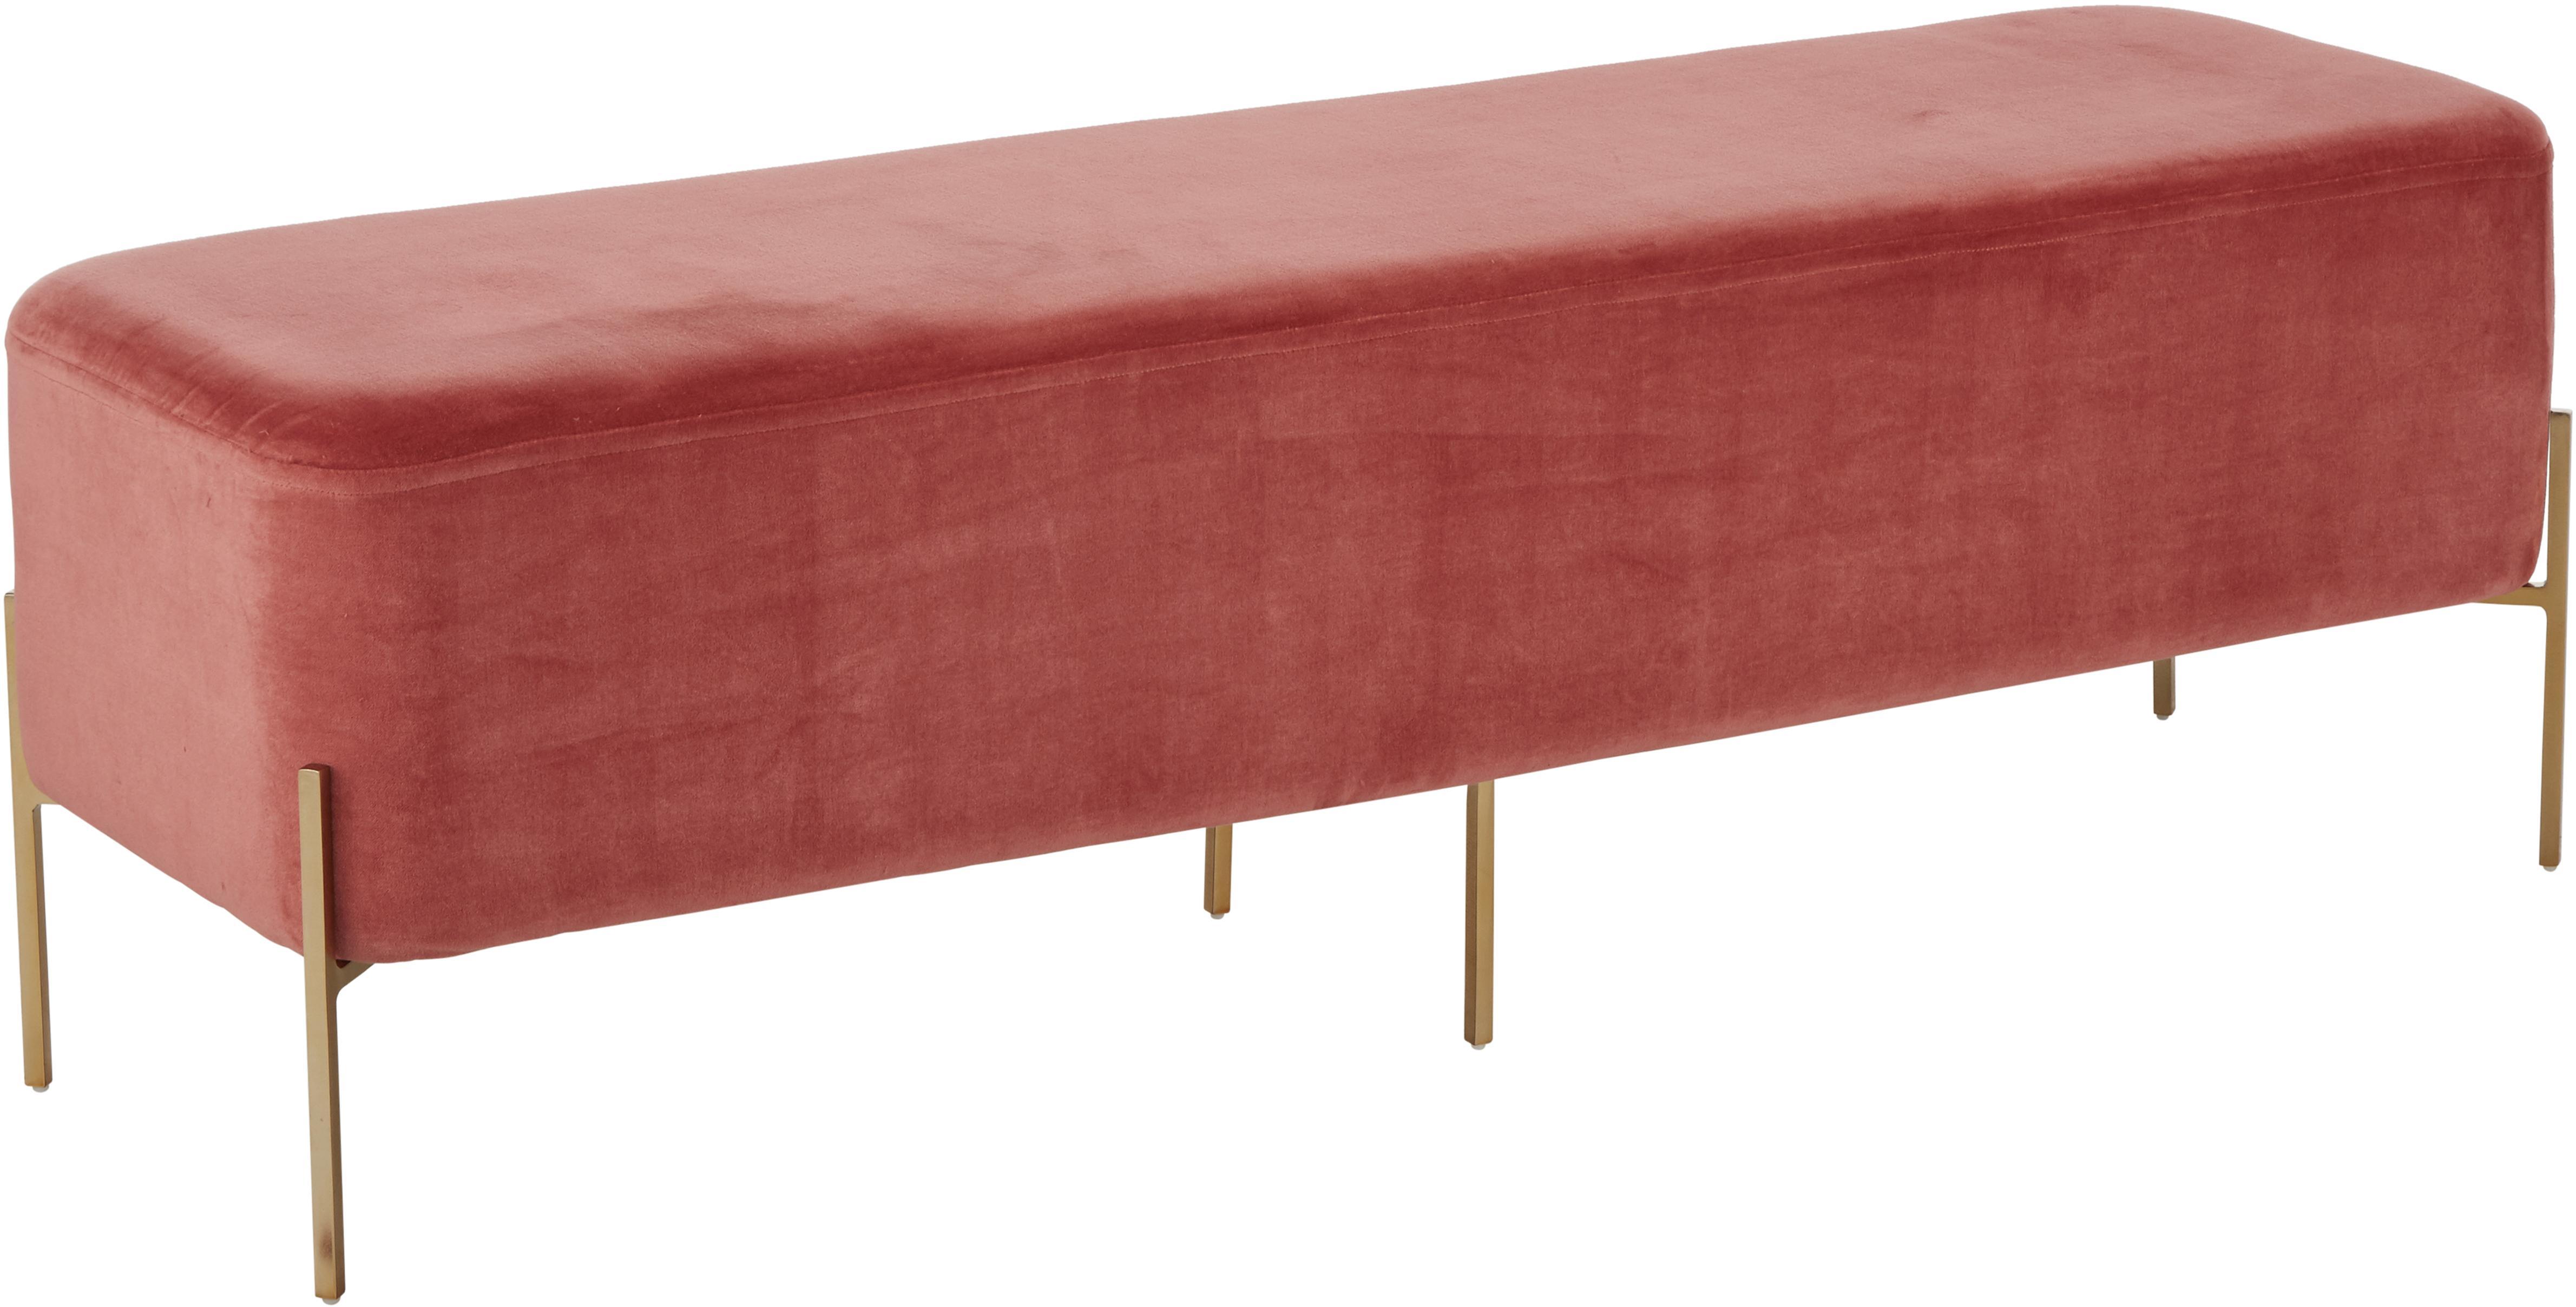 Ławka z aksamitu Harper, Tapicerka: aksamit bawełniany, Tapicerka: terakota Noga: odcienie złotego, matowy, S 140 x W 45 cm